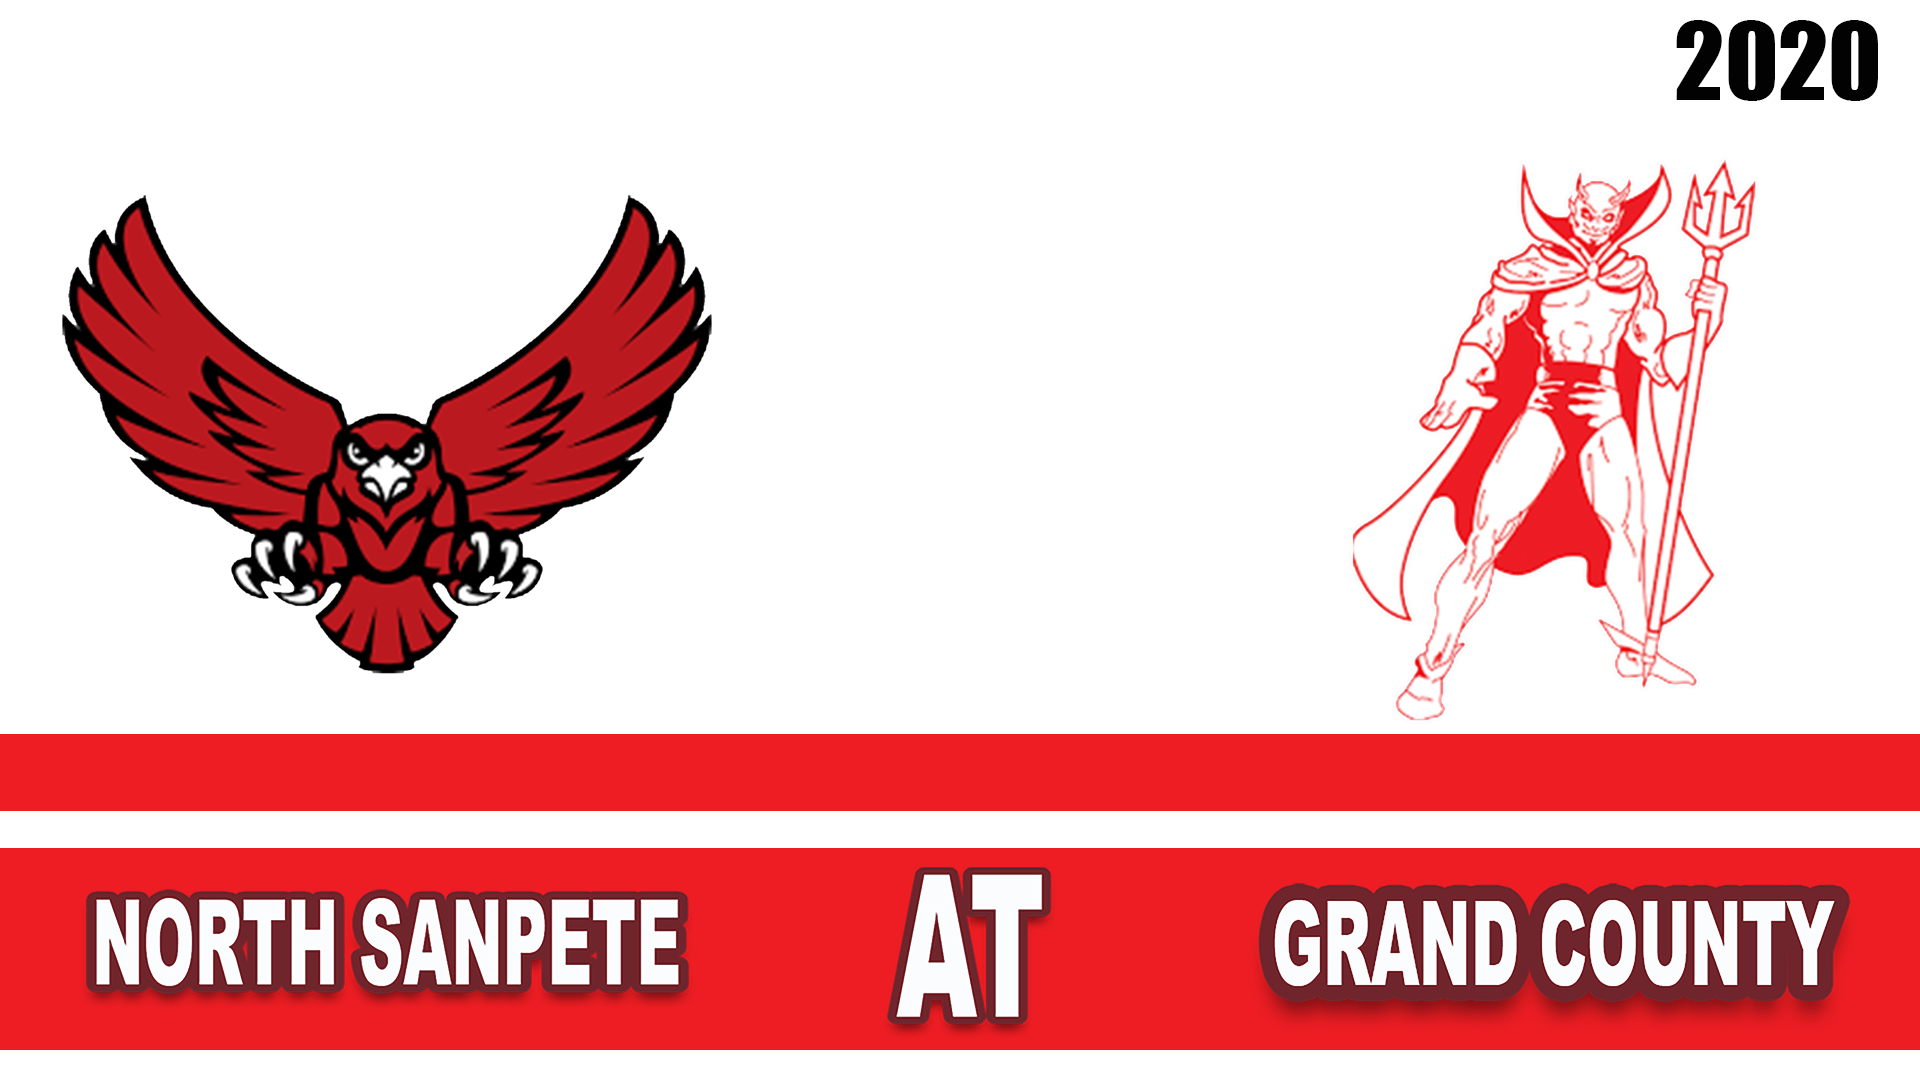 North Sanpete at Grand